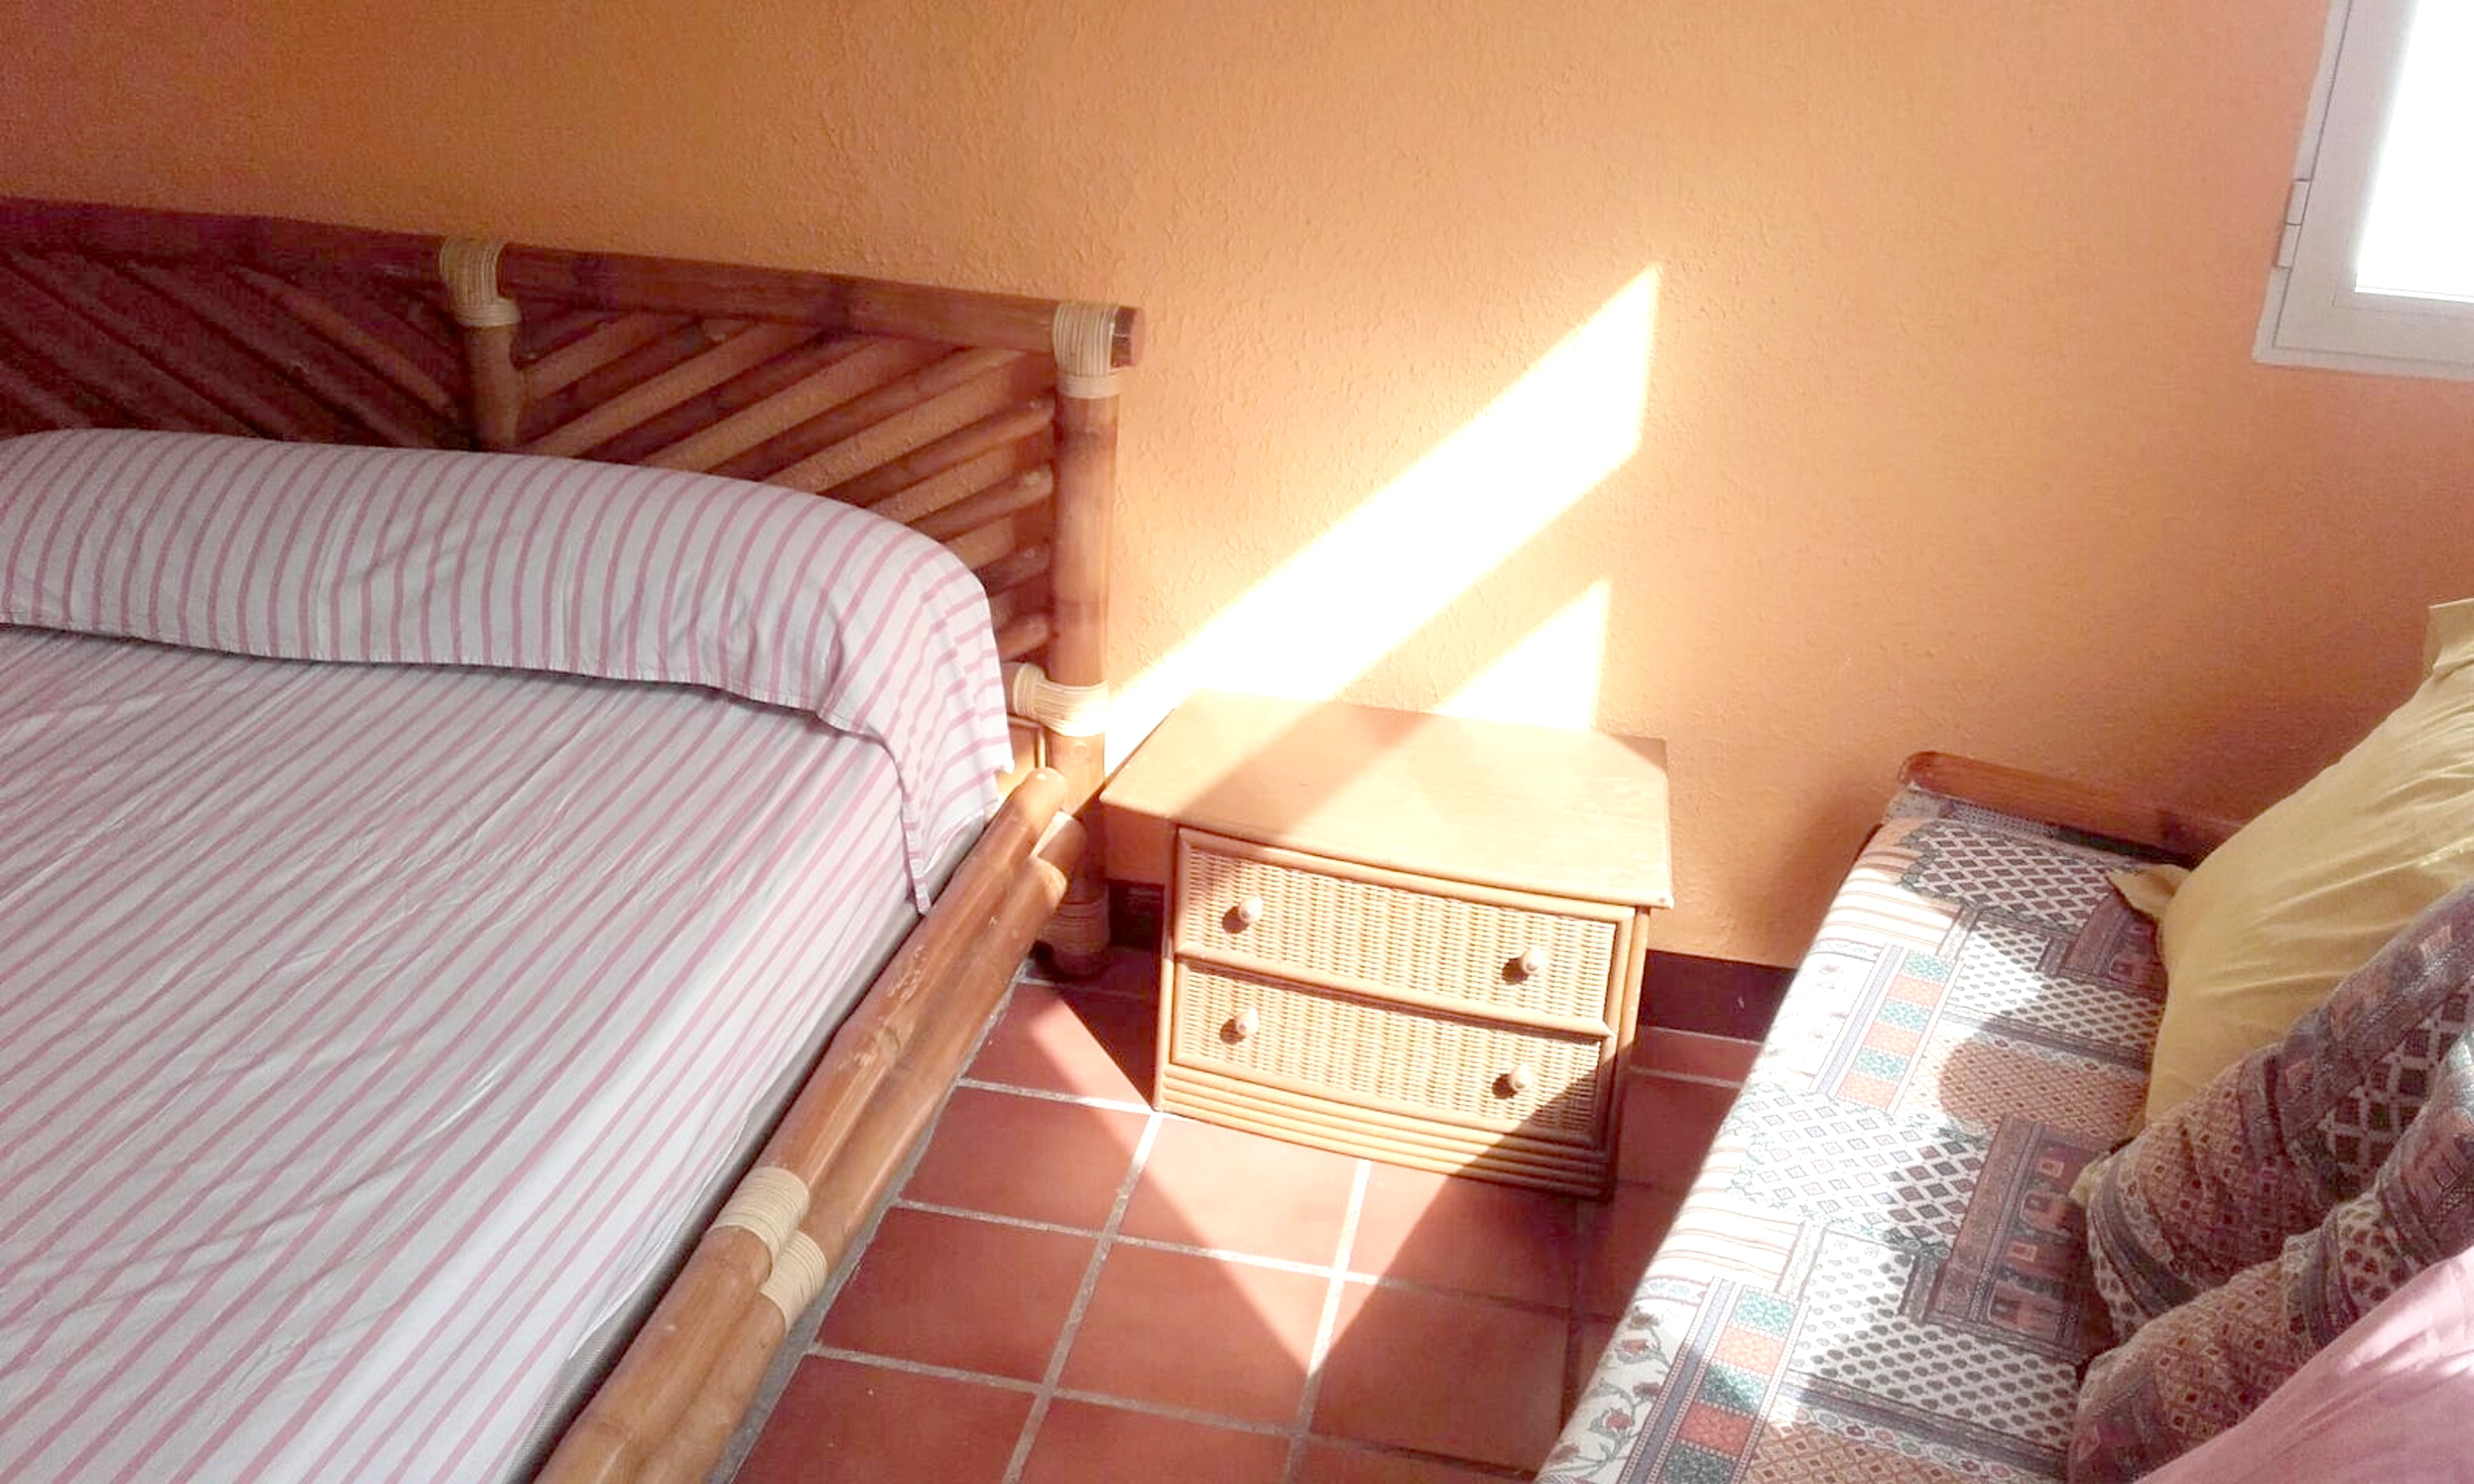 Ferienwohnung Wohnung mit 2 Schlafzimmern in San José de Nijar mit privatem Pool, Terrasse und W-LAN - 5 (2271490), San Jose, Costa de Almeria, Andalusien, Spanien, Bild 9